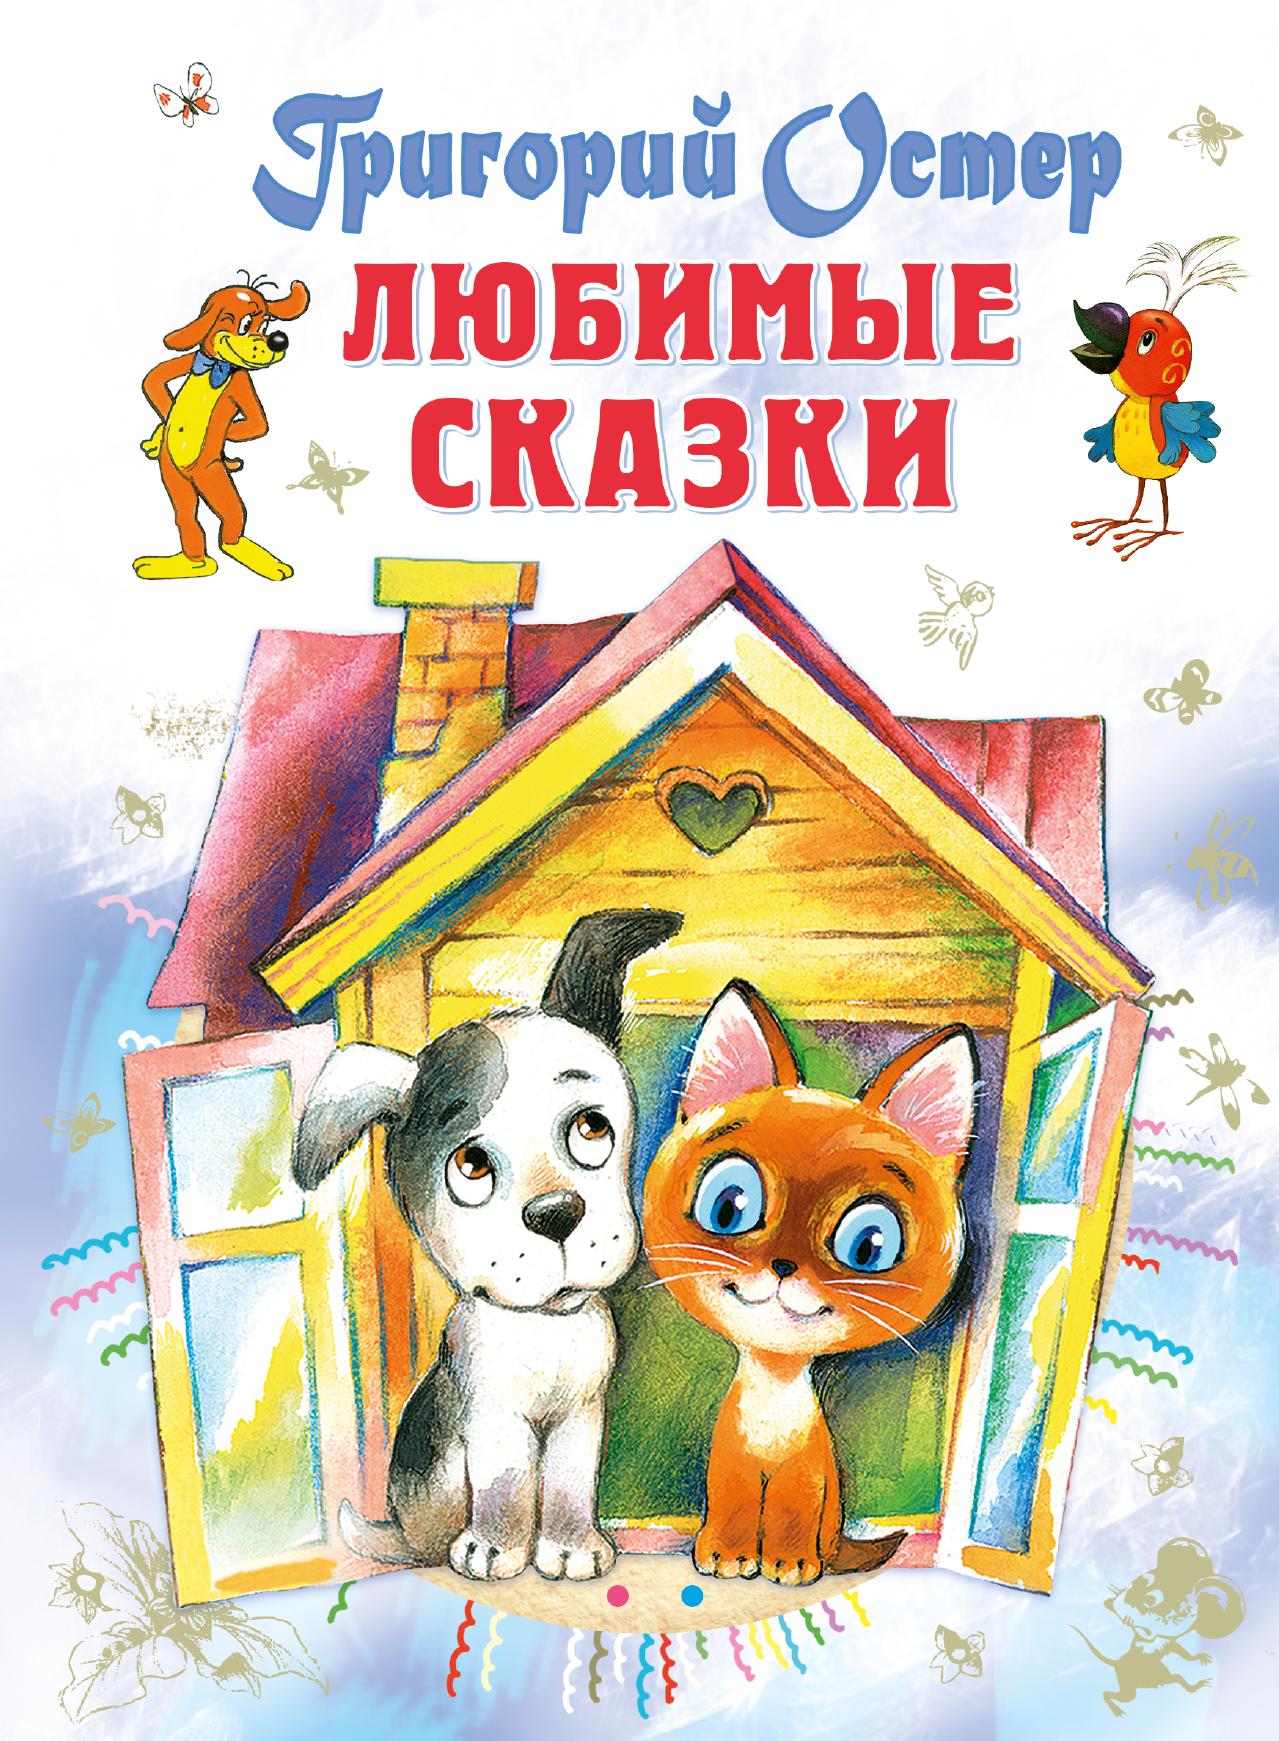 Остер Г.Б. Любимые сказки